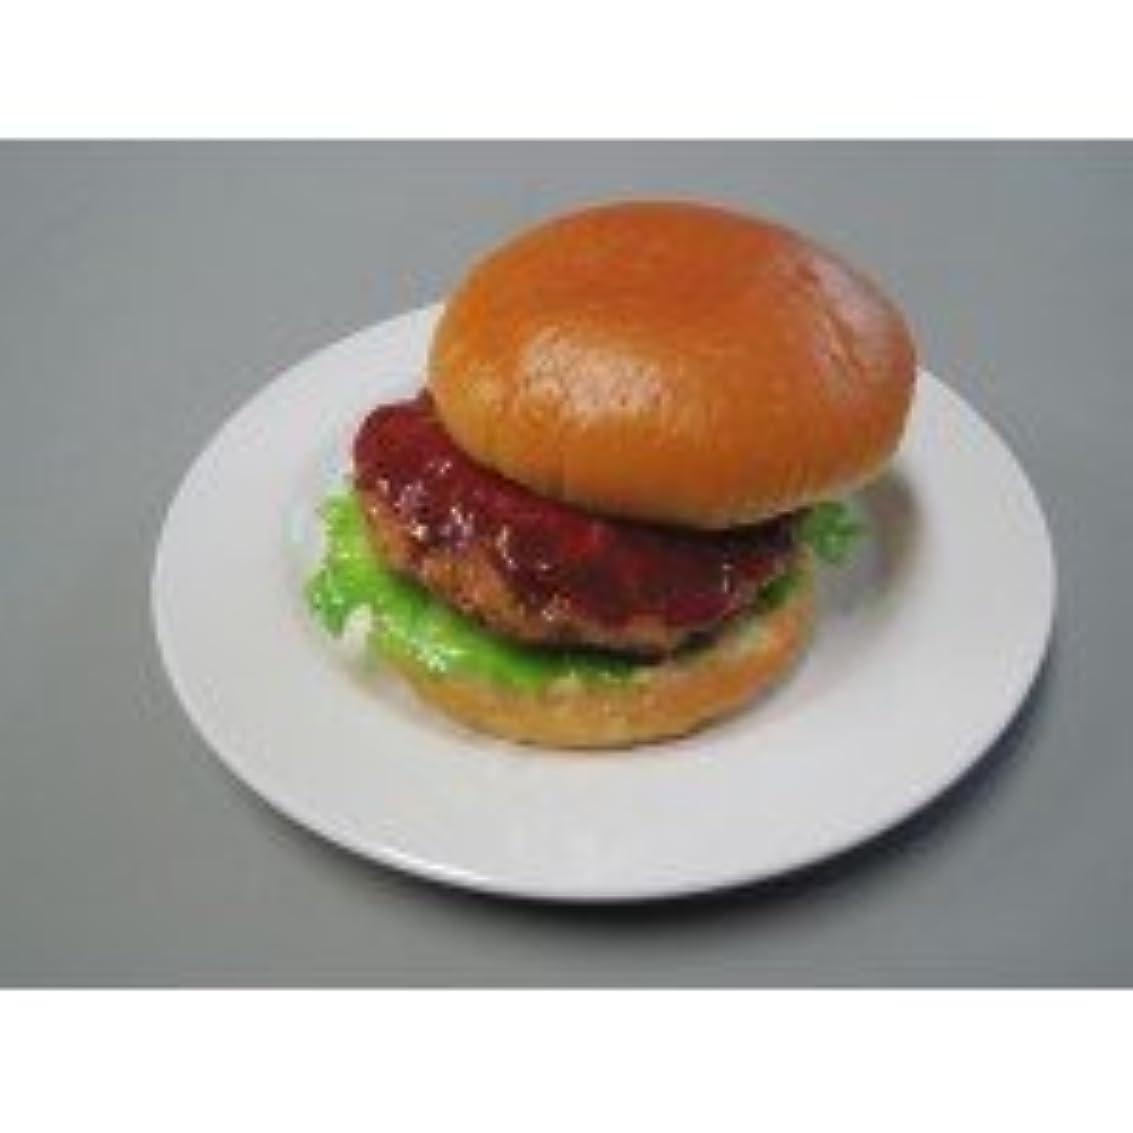 オデュッセウス決めますピーク日本職人が作る 食品サンプル ハンバーガー IP-198